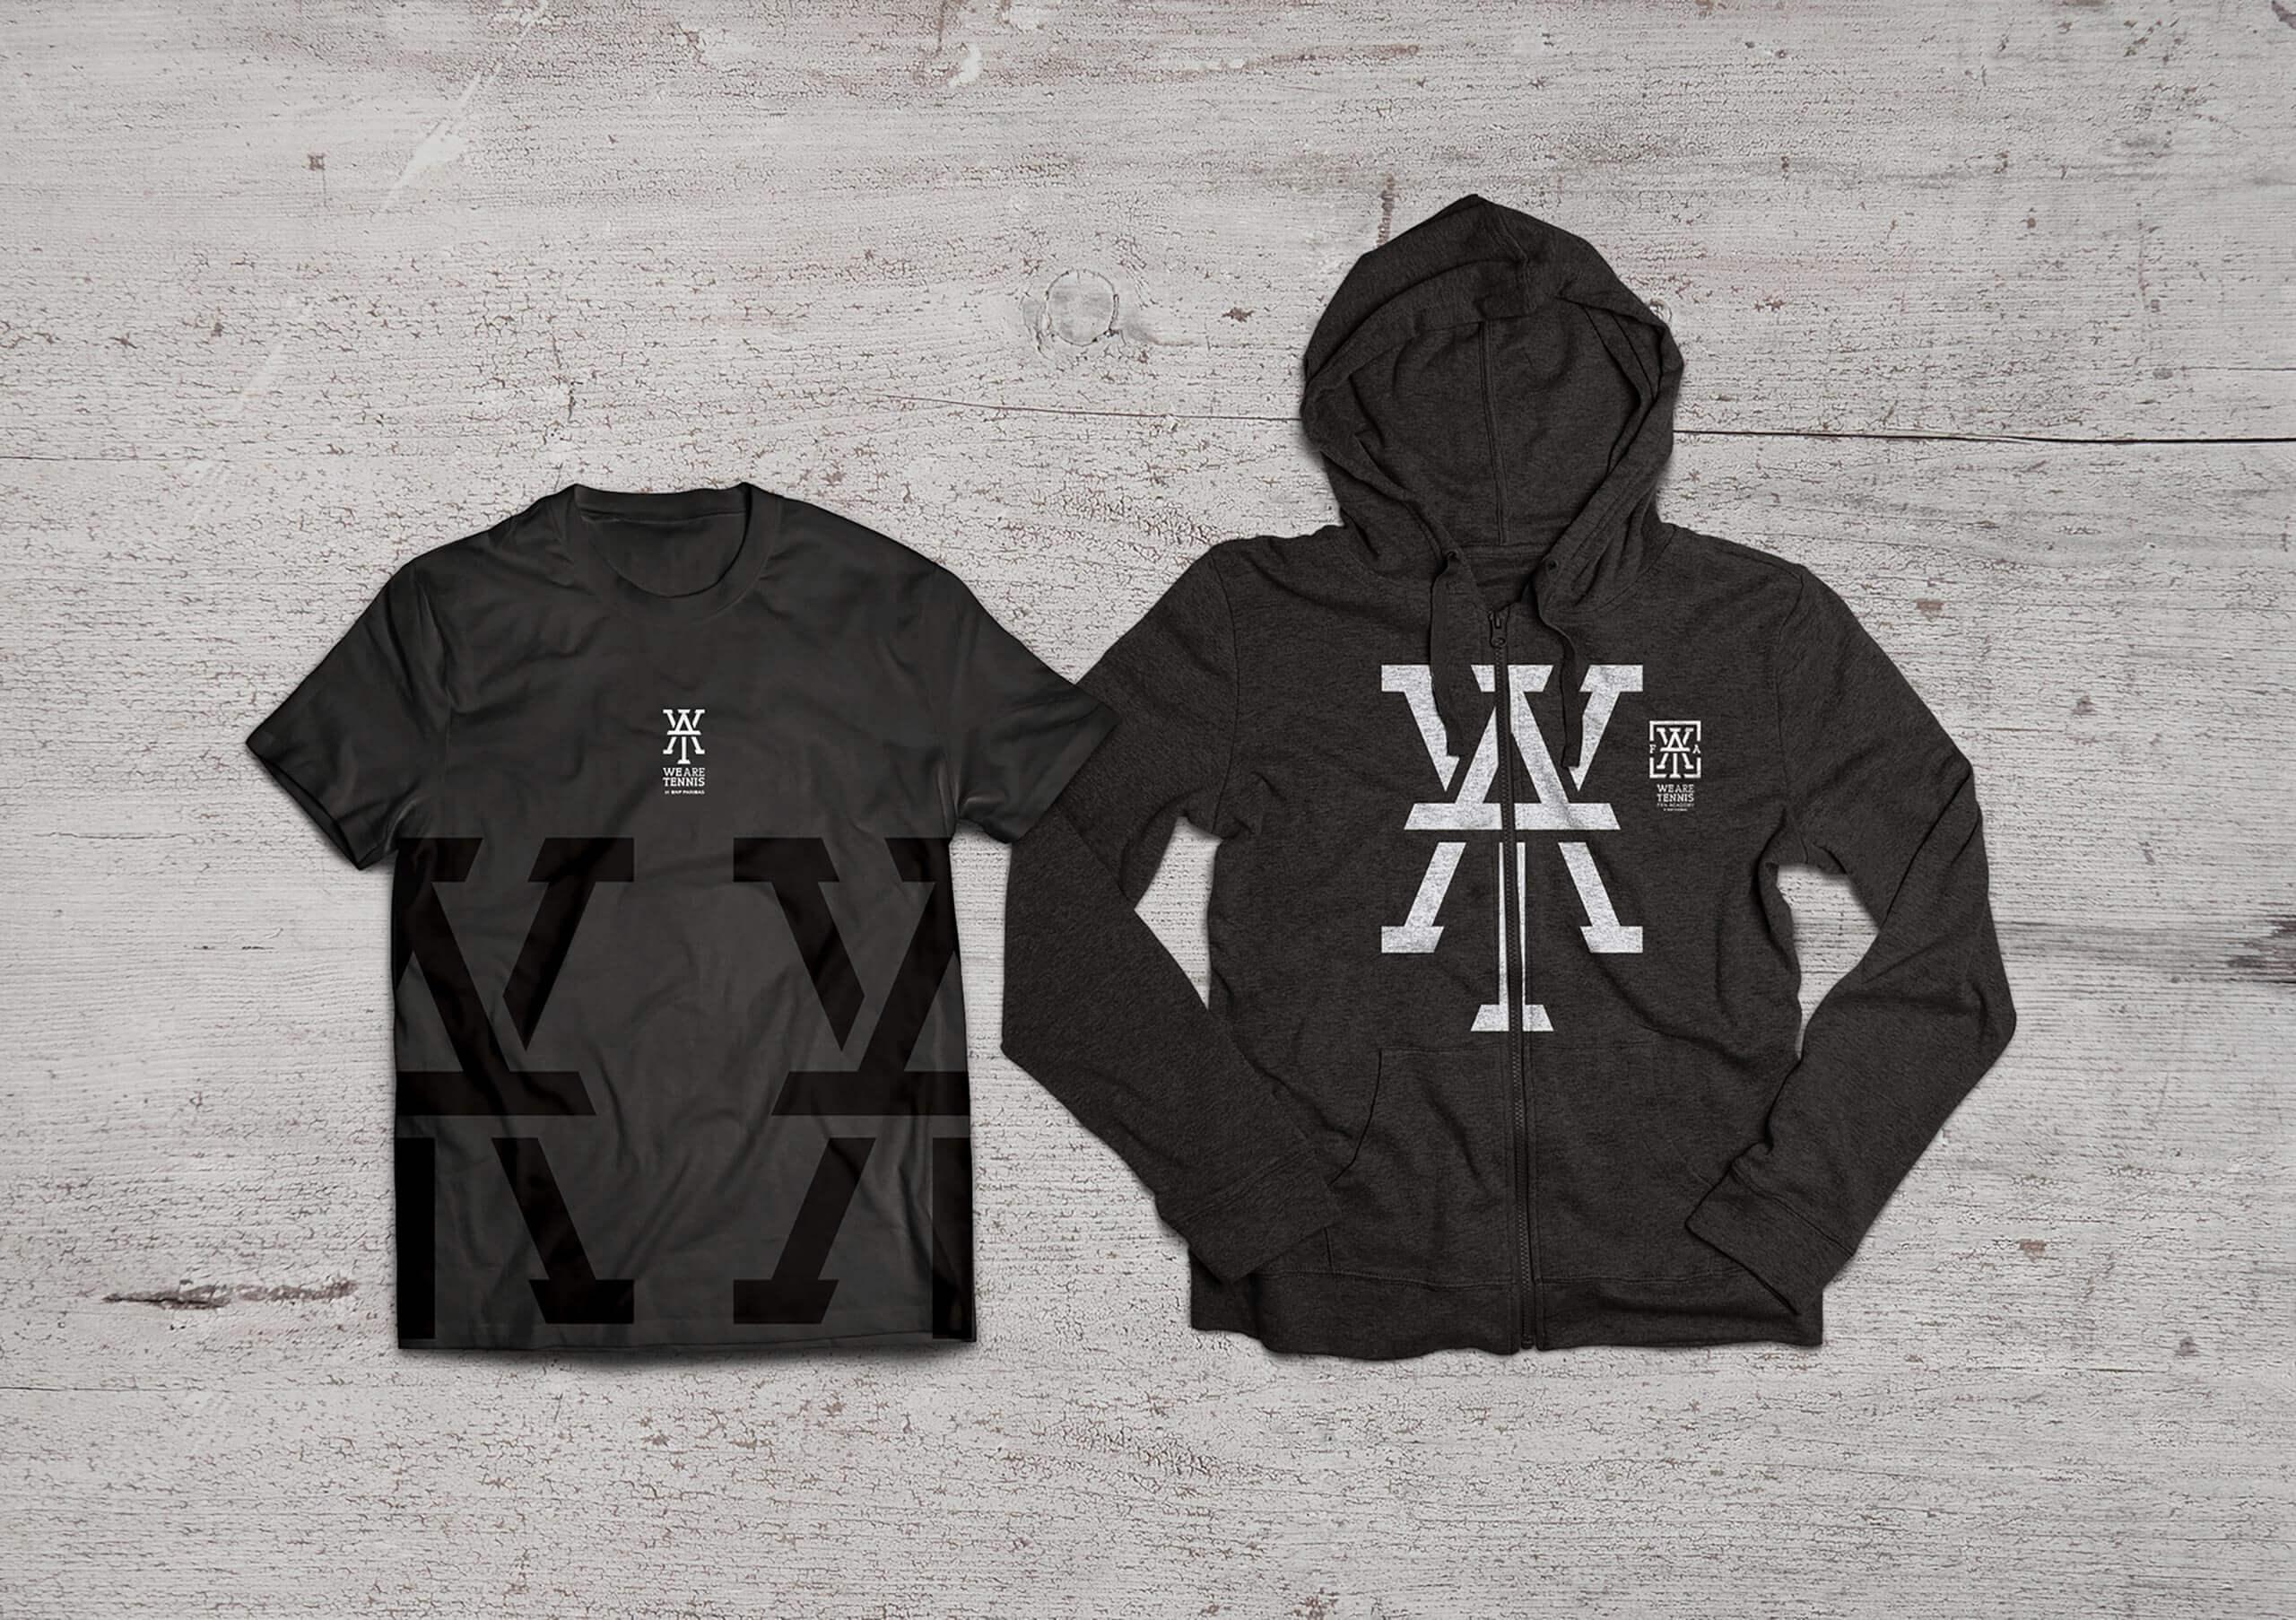 wat-clothes